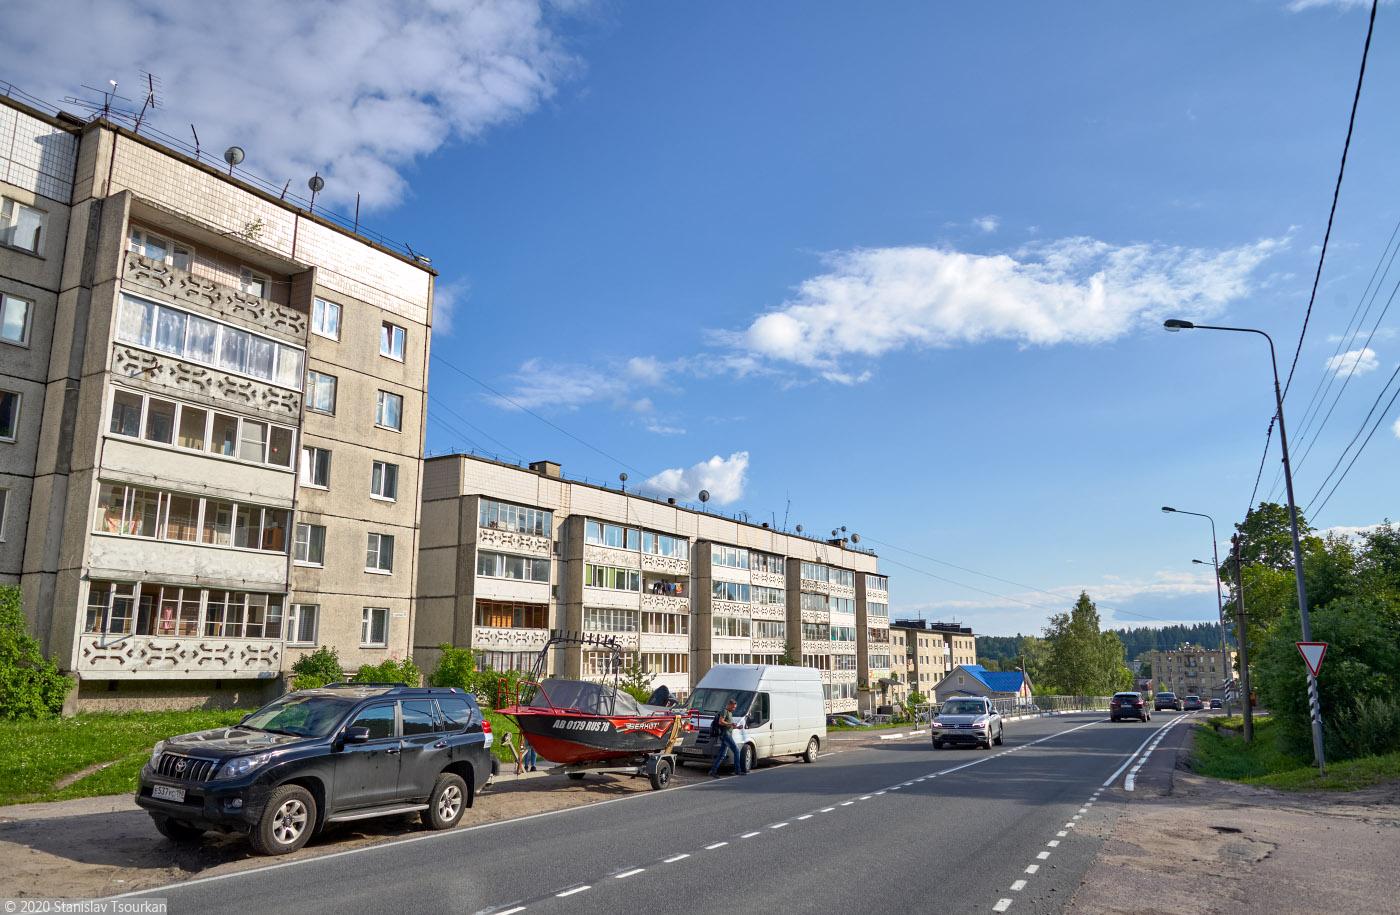 Лахденпохья, Карелия, республика Карелия, Советская улица